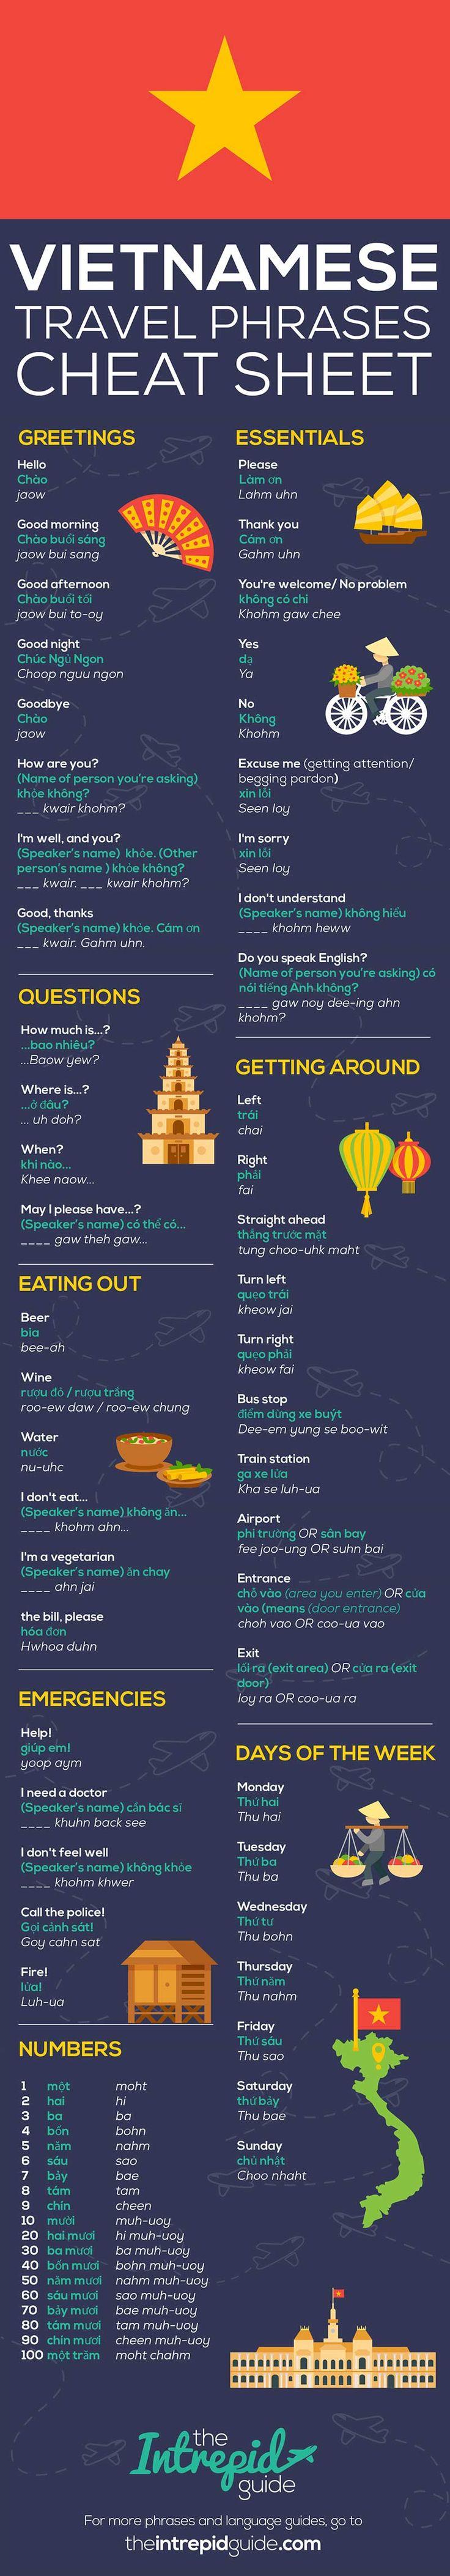 69 frases em vietnamita que todo viajante deve saber   – Deutsch